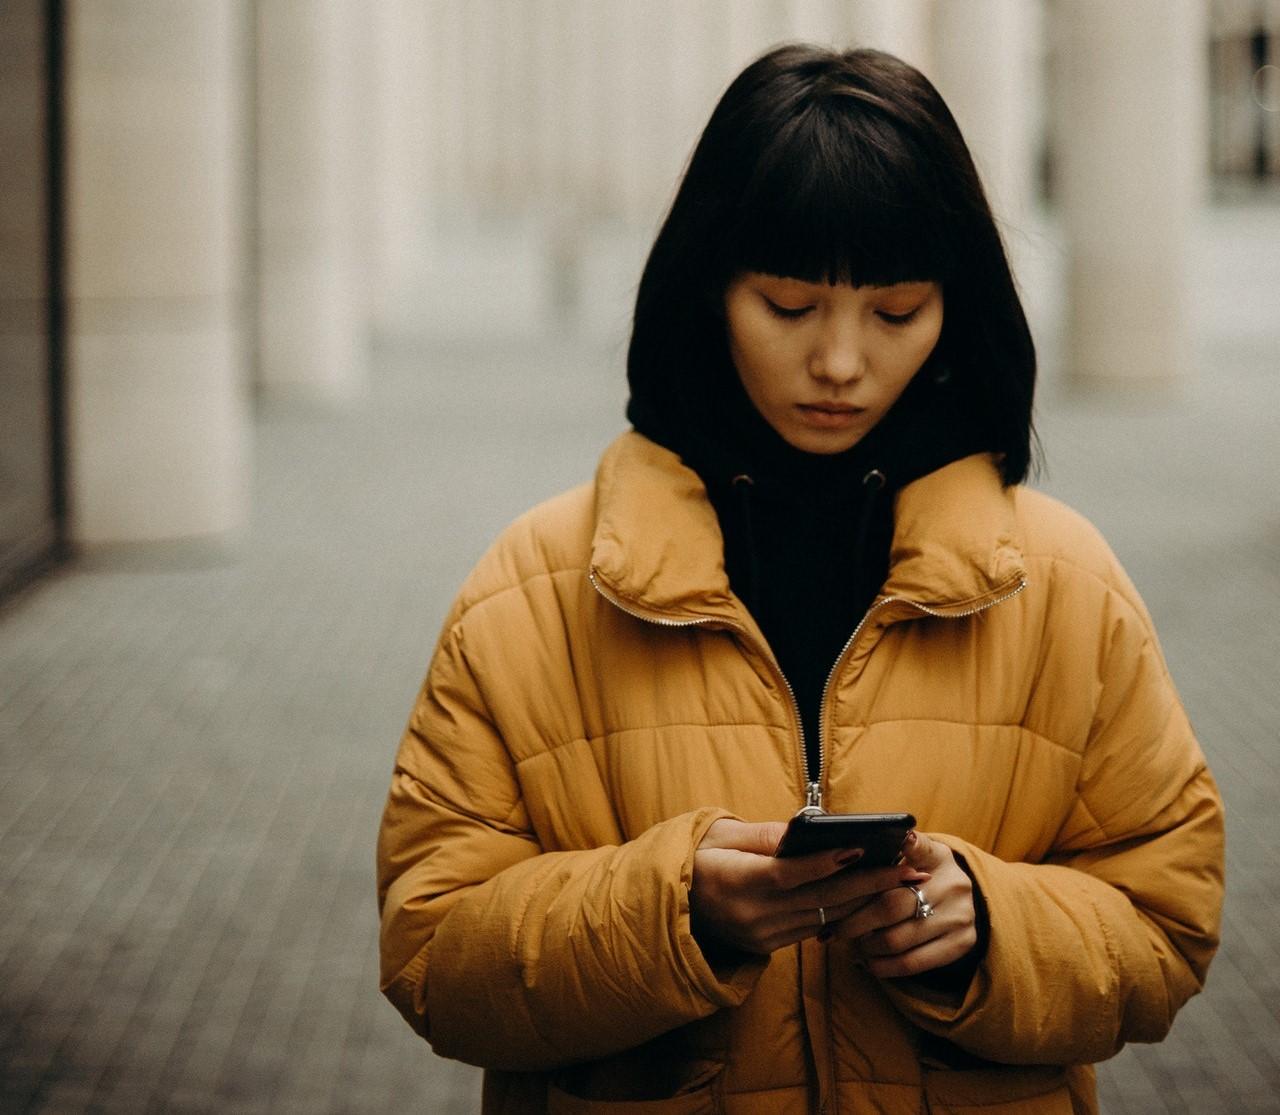 Wanita putus cinta menatap ponsel